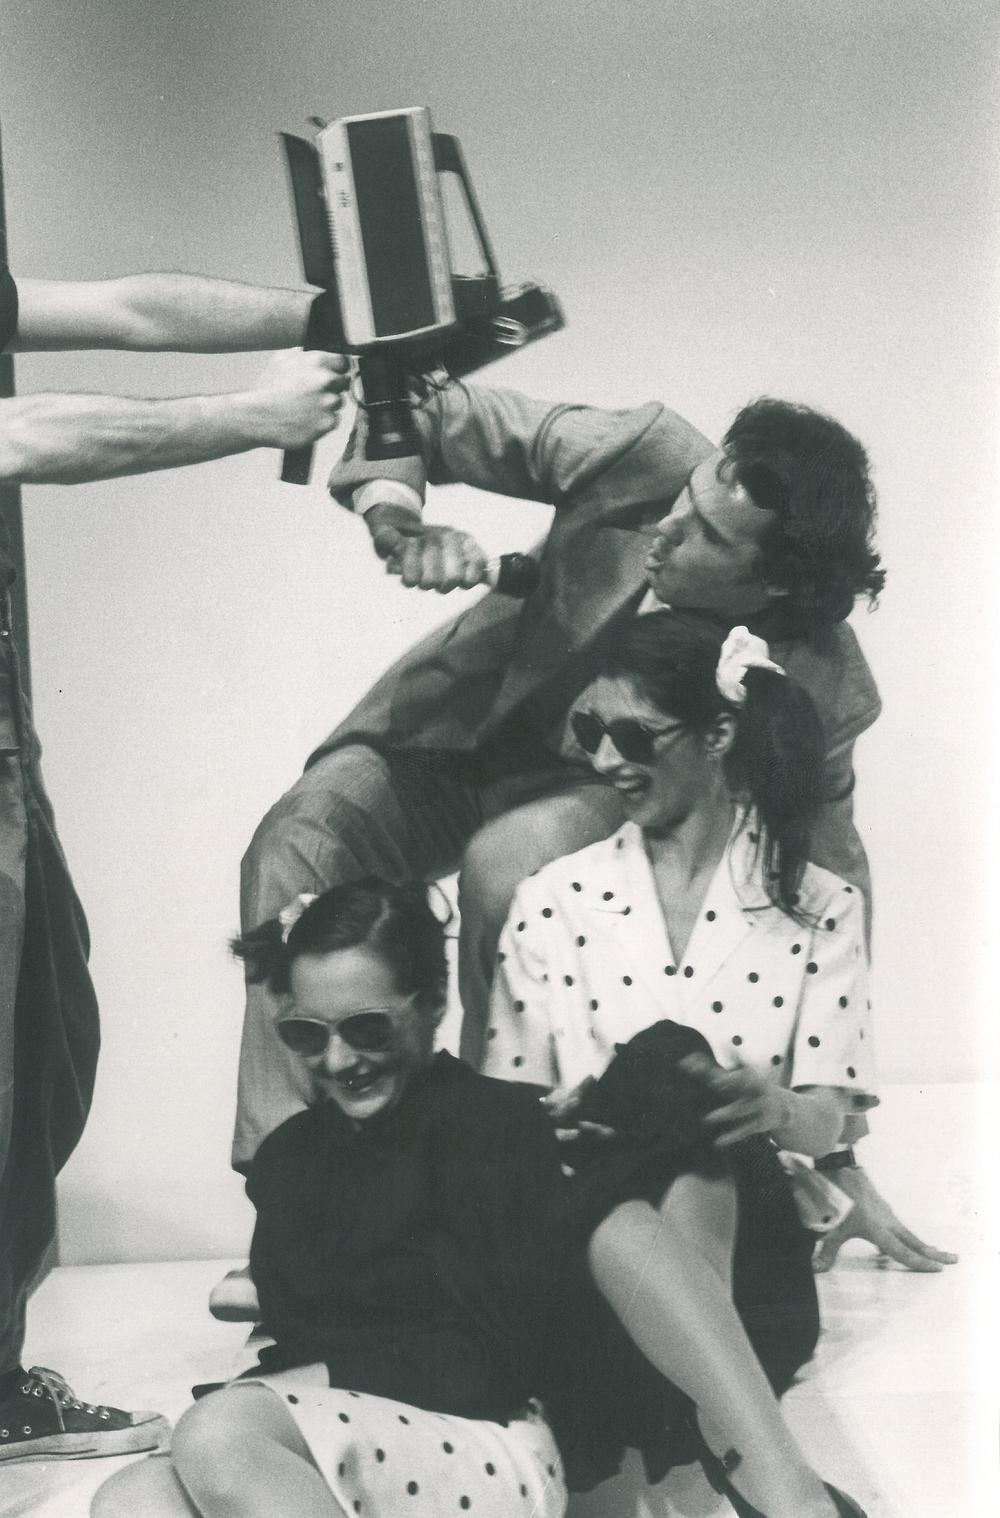 nel ruolo di Oddy Guarda in Kessy Canta, regia di C. Carafoli, Compagnia Teatro Eliseo - 1989-90